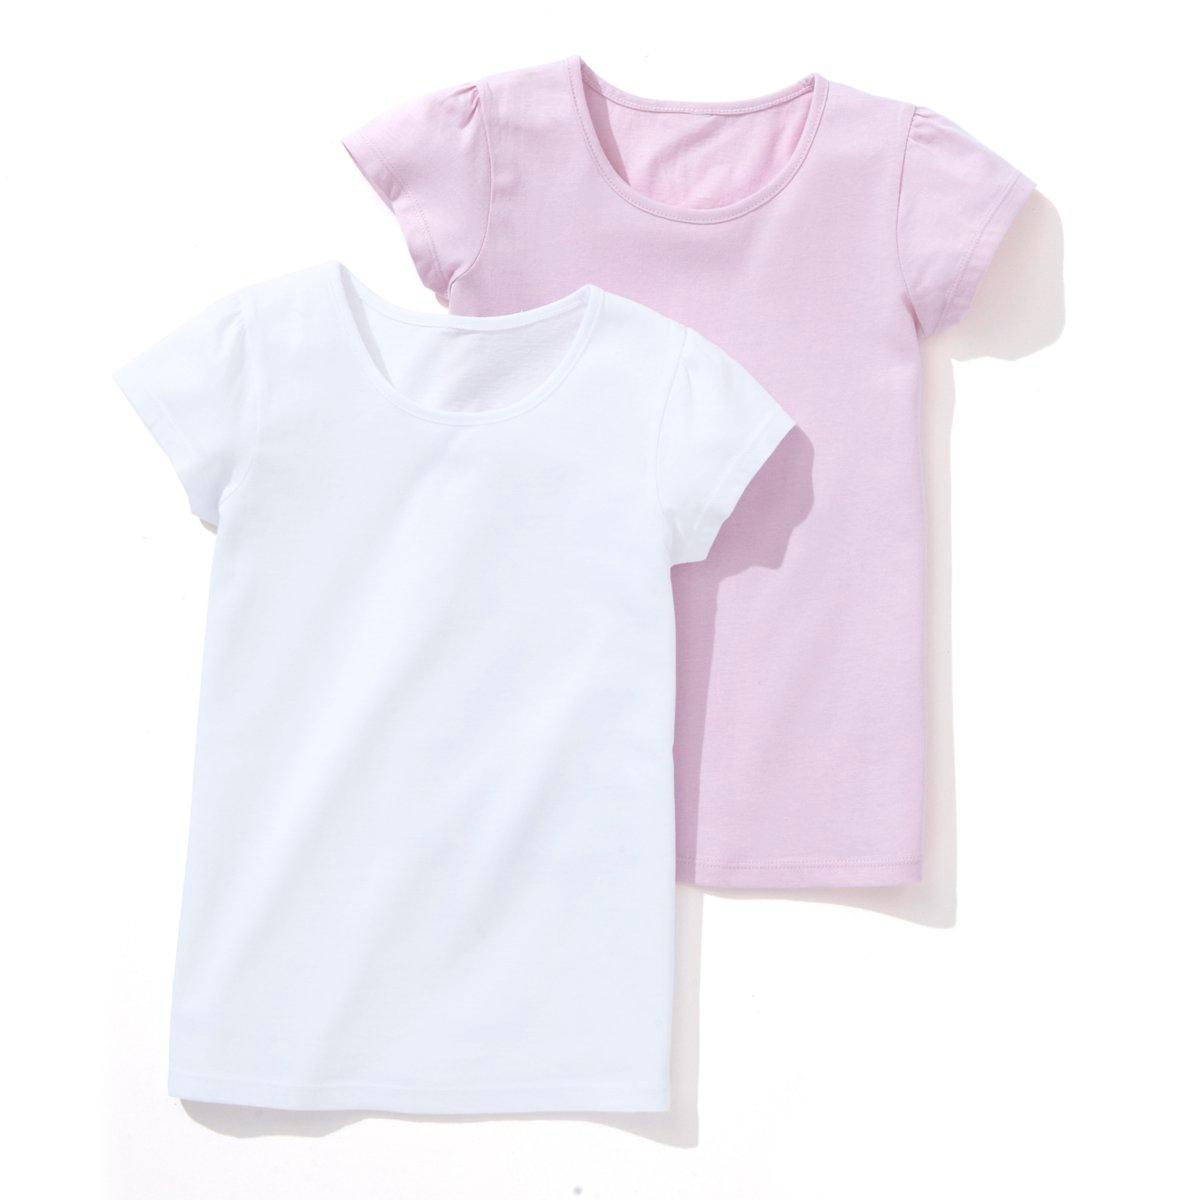 Комплект из 2 однотонных футболок на 3-12 лет